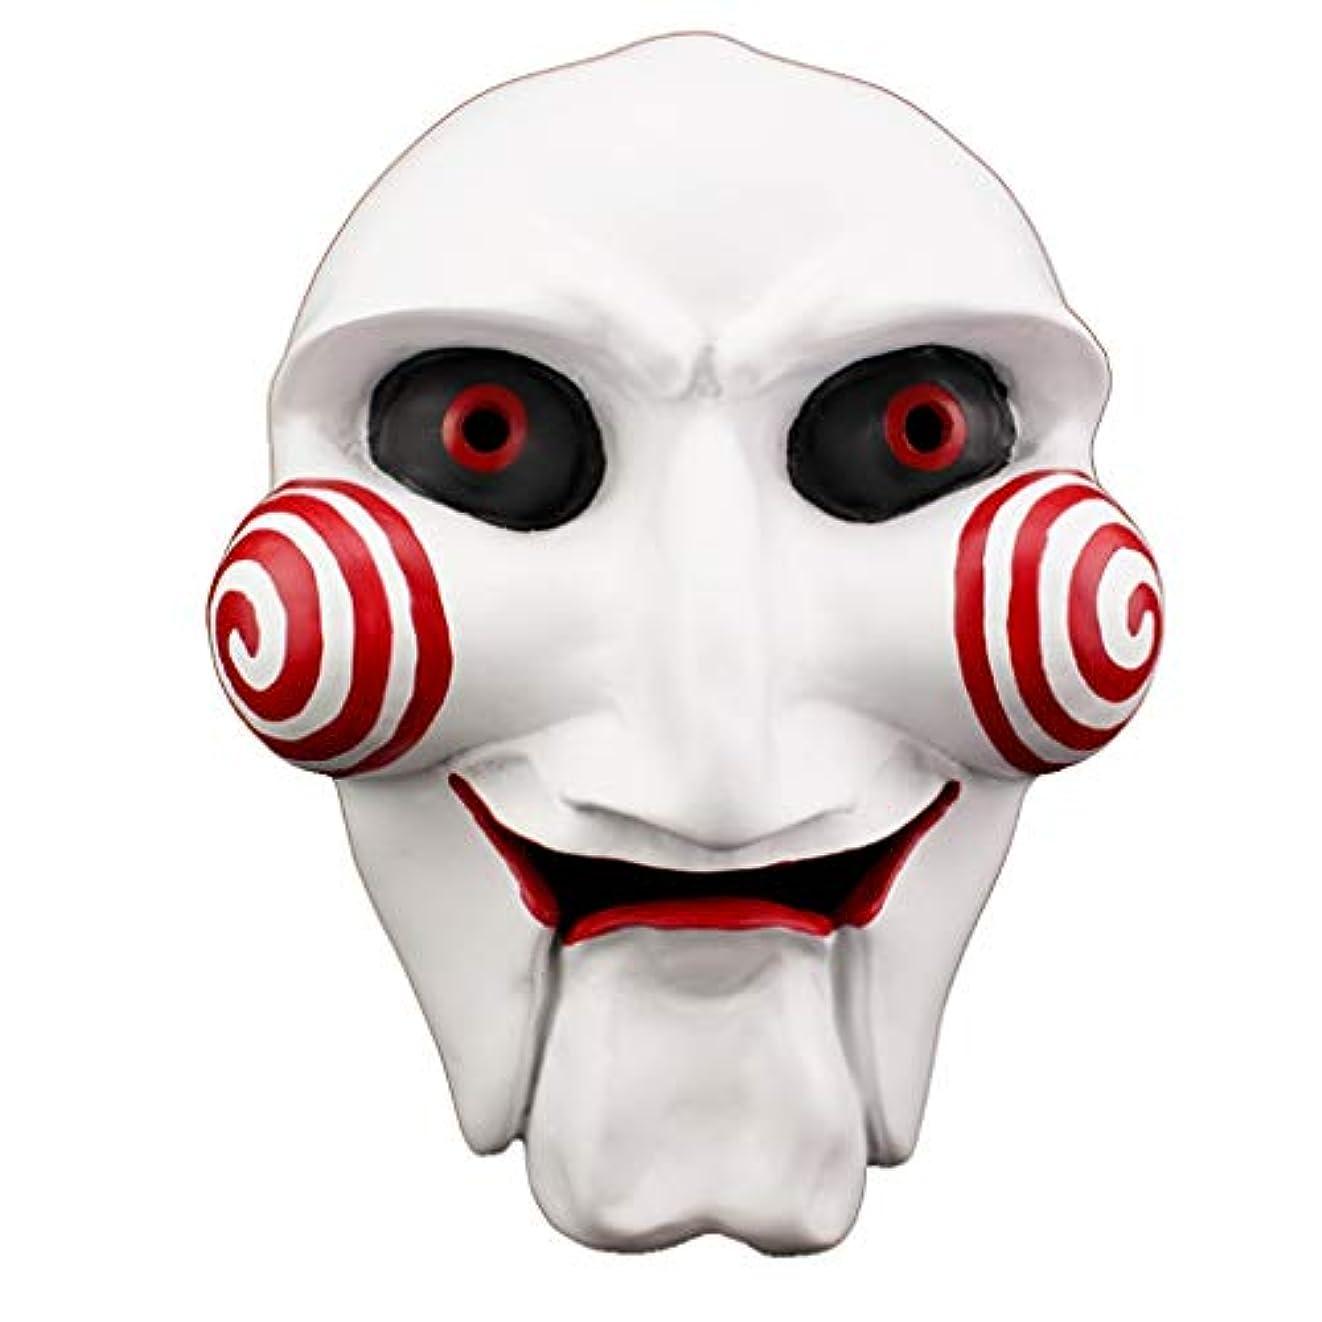 海港摂氏収益ハロウィンホラーマスク、チェーンソークリプトテーママスクマスカレード樹脂マスク(22.5 * 12 cm)